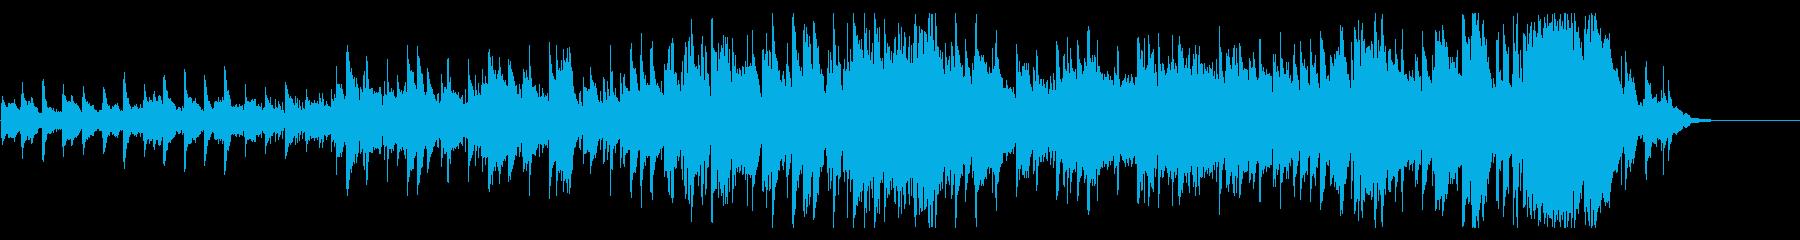 感動的なバイオリンとピアノのバラードの再生済みの波形